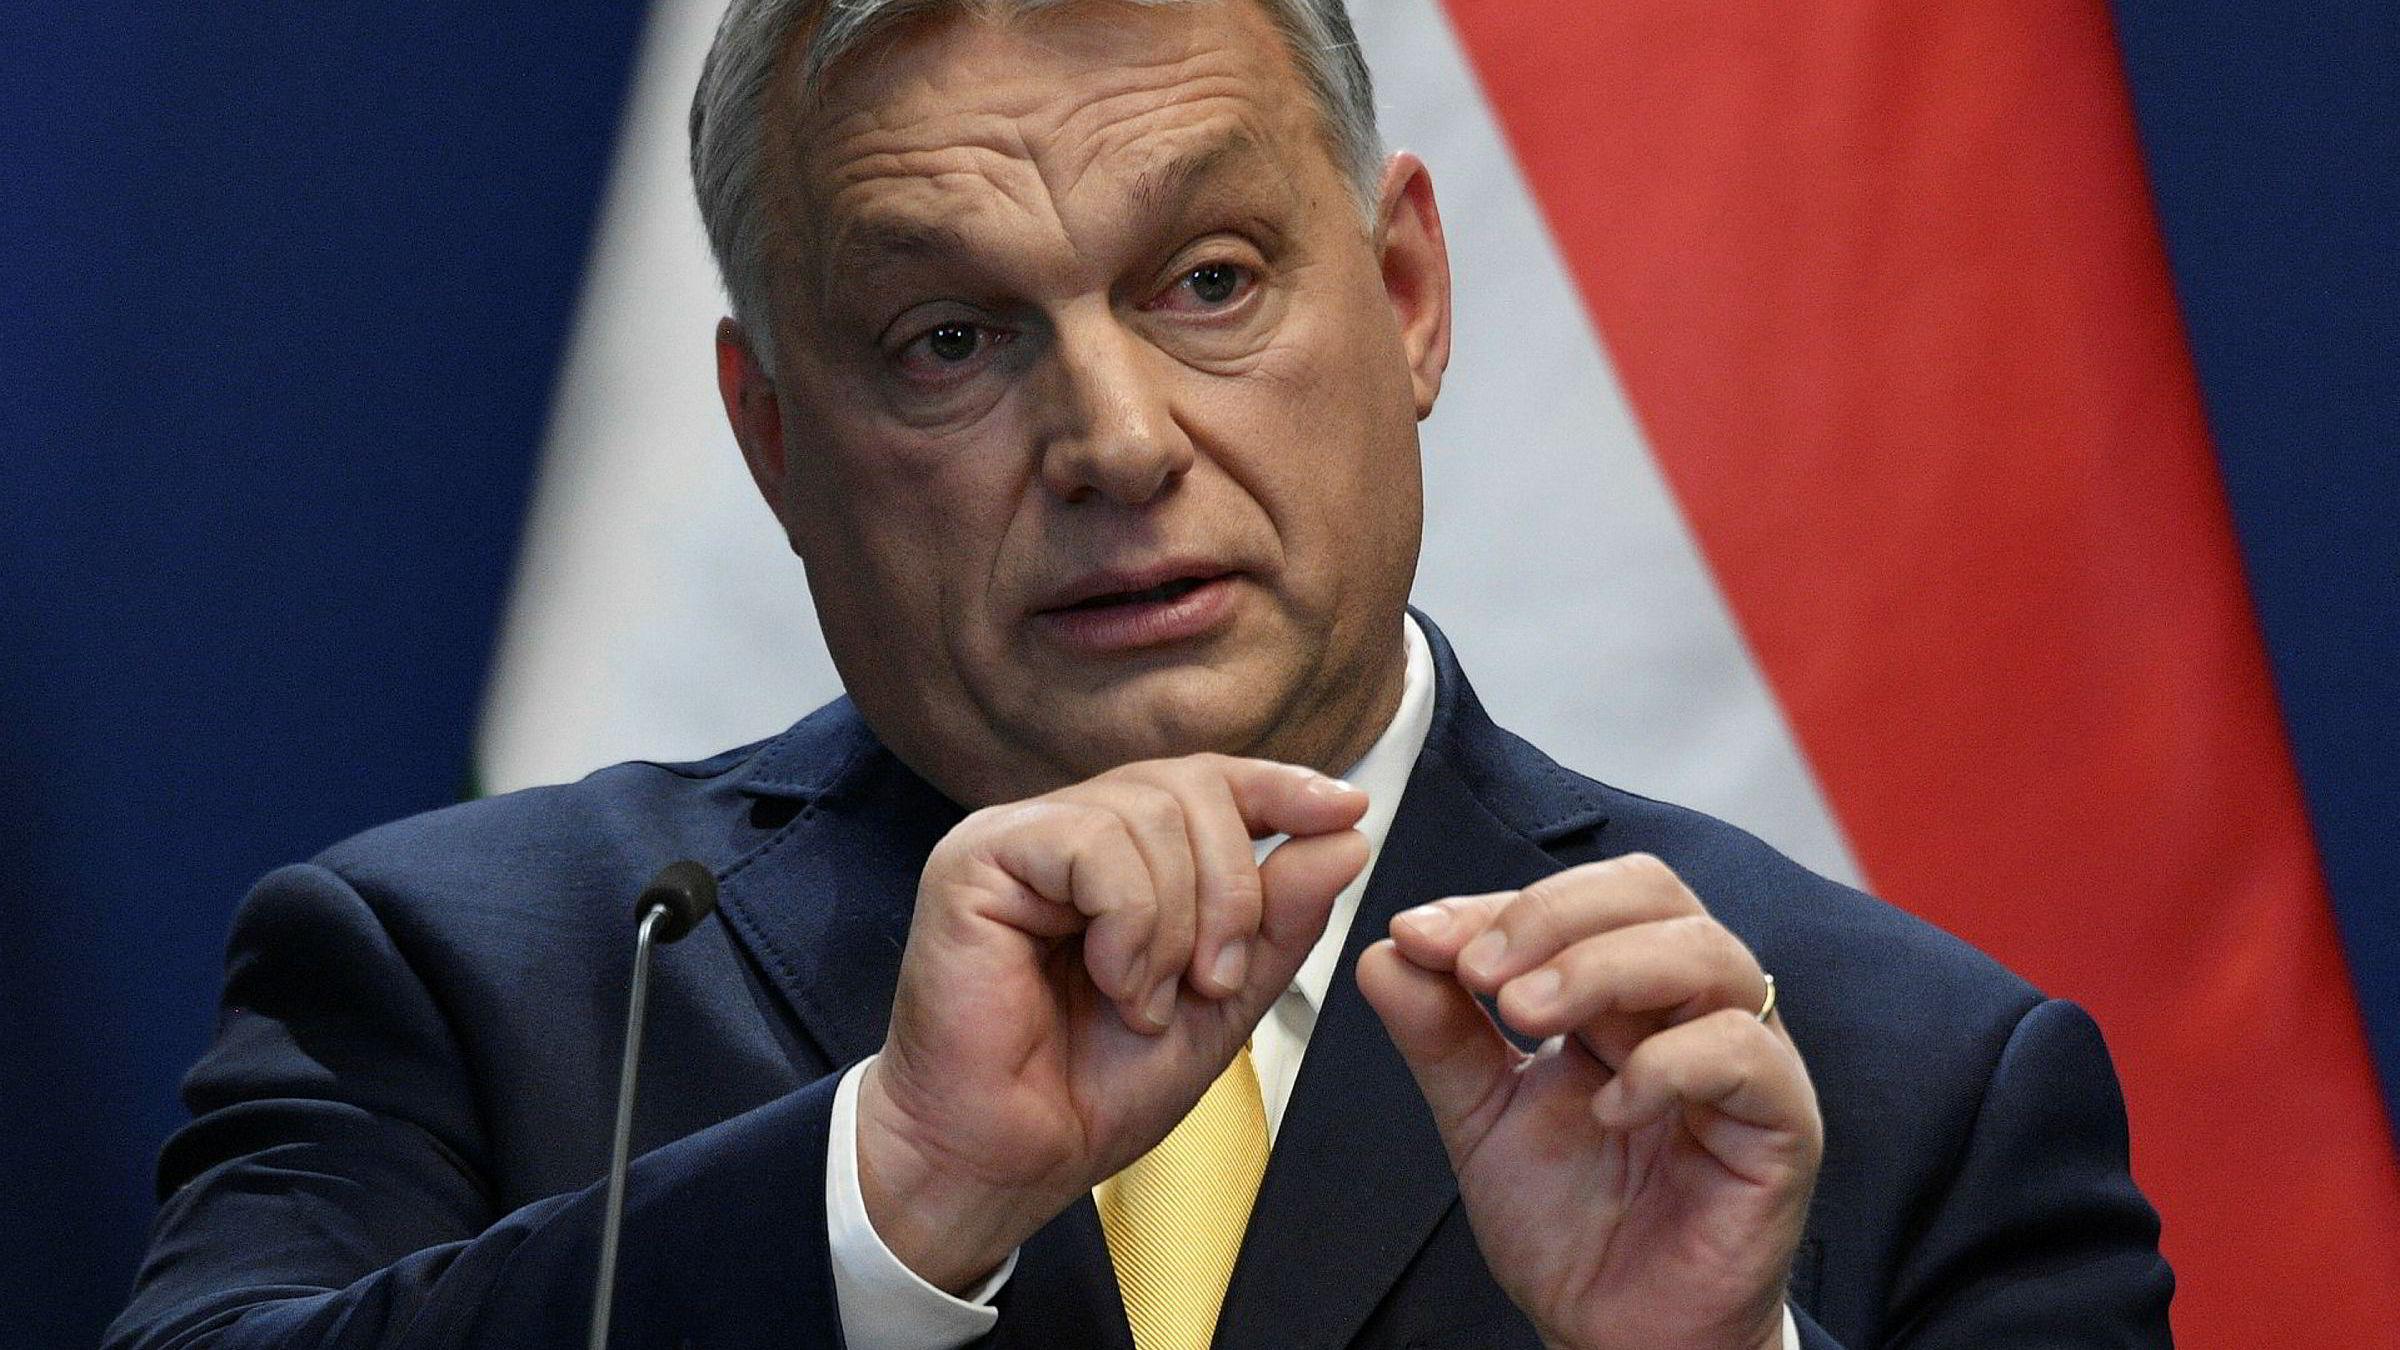 Statsminister Viktor Orbáns retorikk kan være direkte og hard, men gir ham også oppmerksomhet.